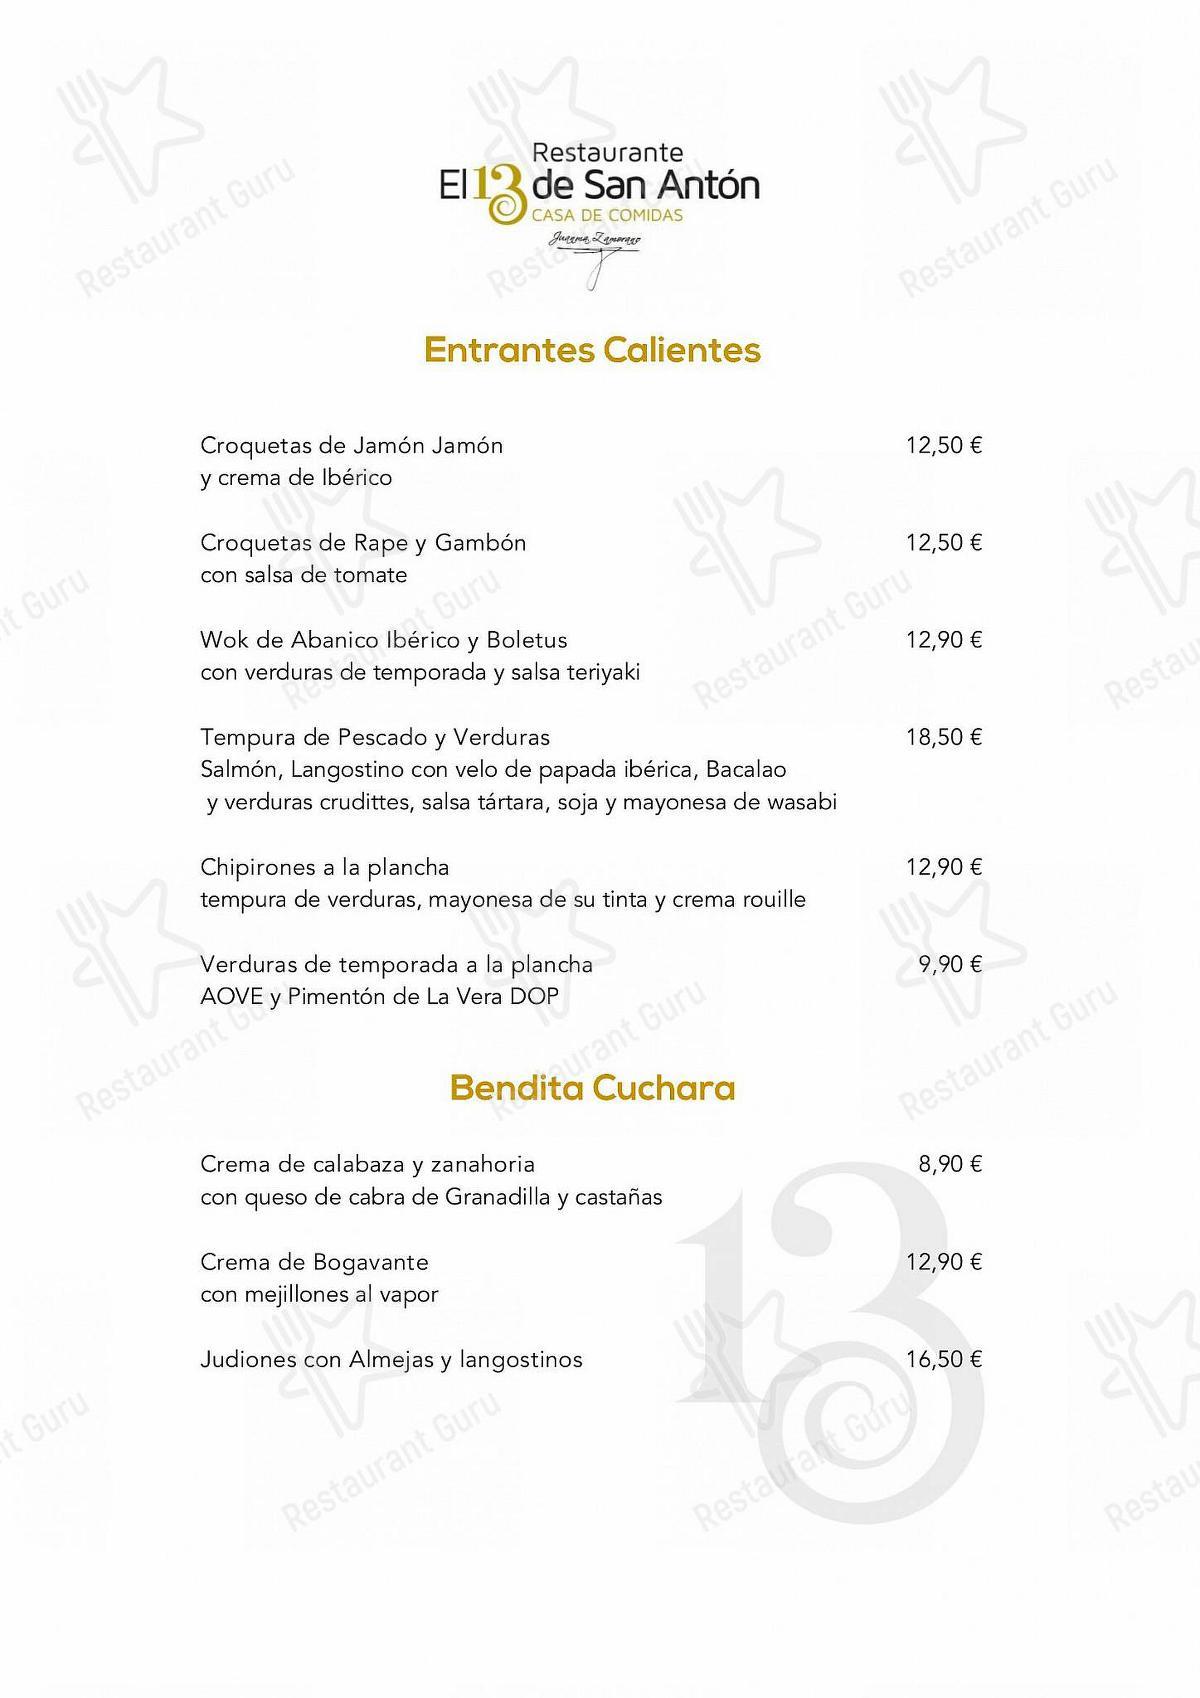 Carta de Restaurante El 13 de San Antón